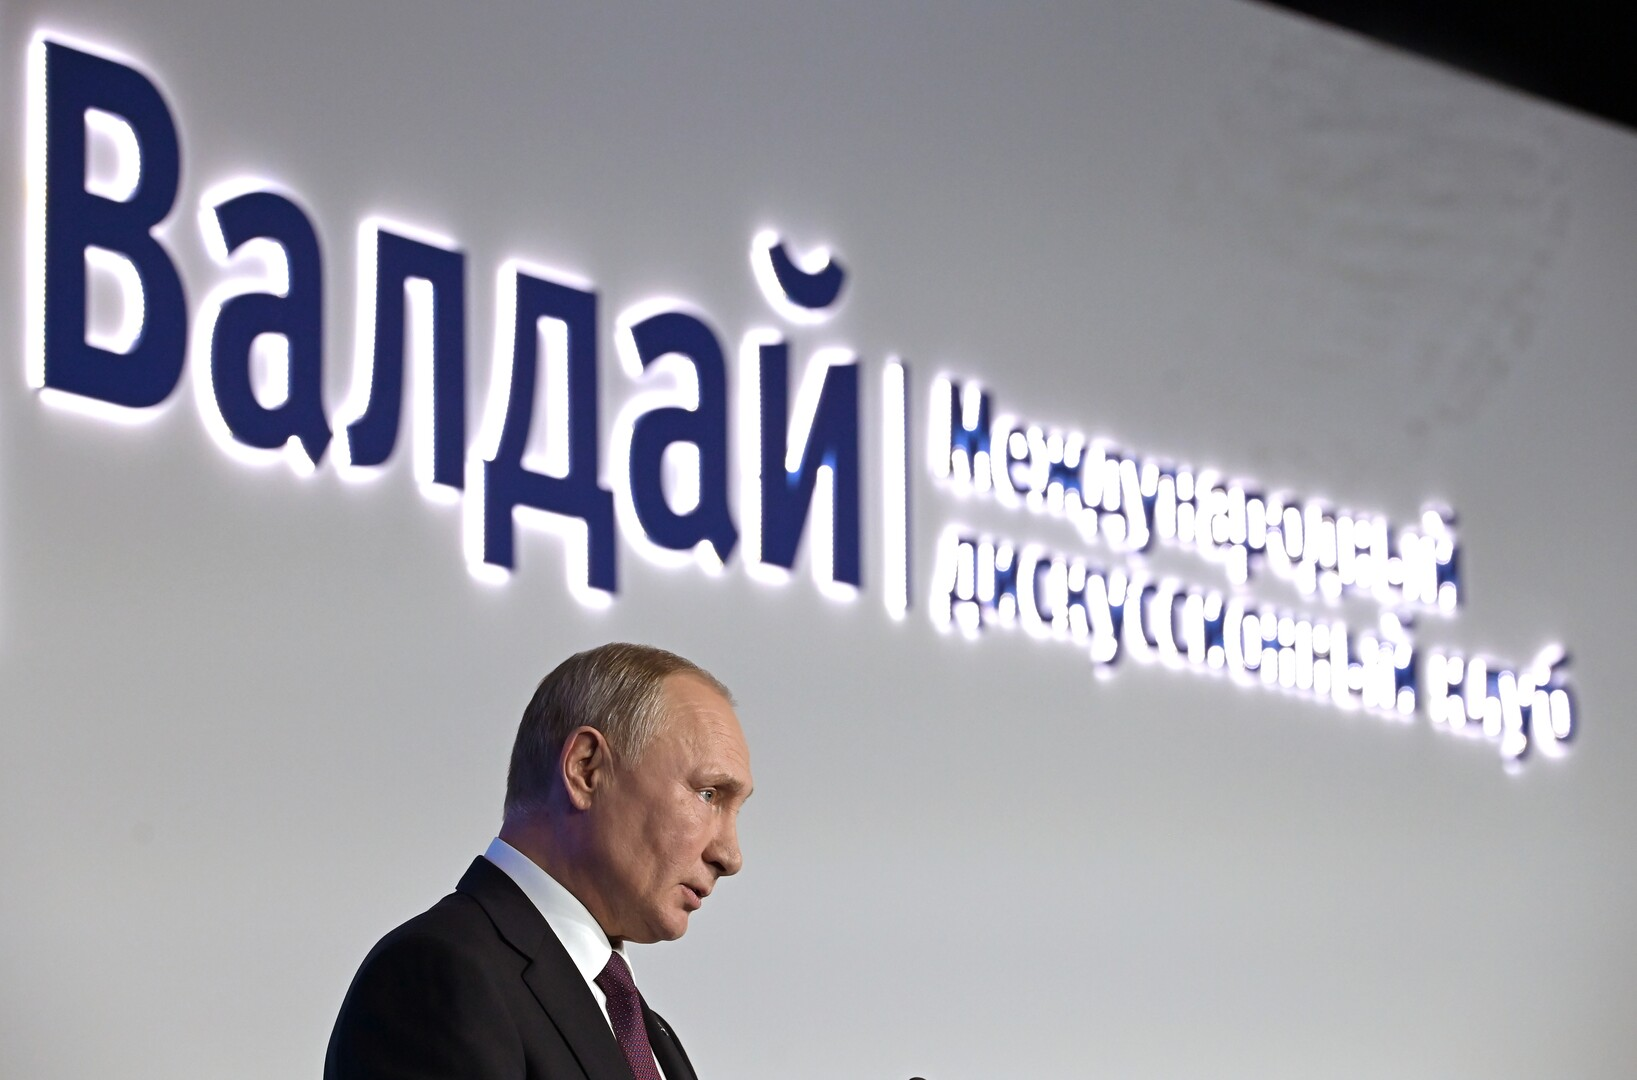 بوتين: انتشار الصواريخ الأمريكية متوسطة وقصيرة المدى في آسيا سيستدعي ردا مناسبا